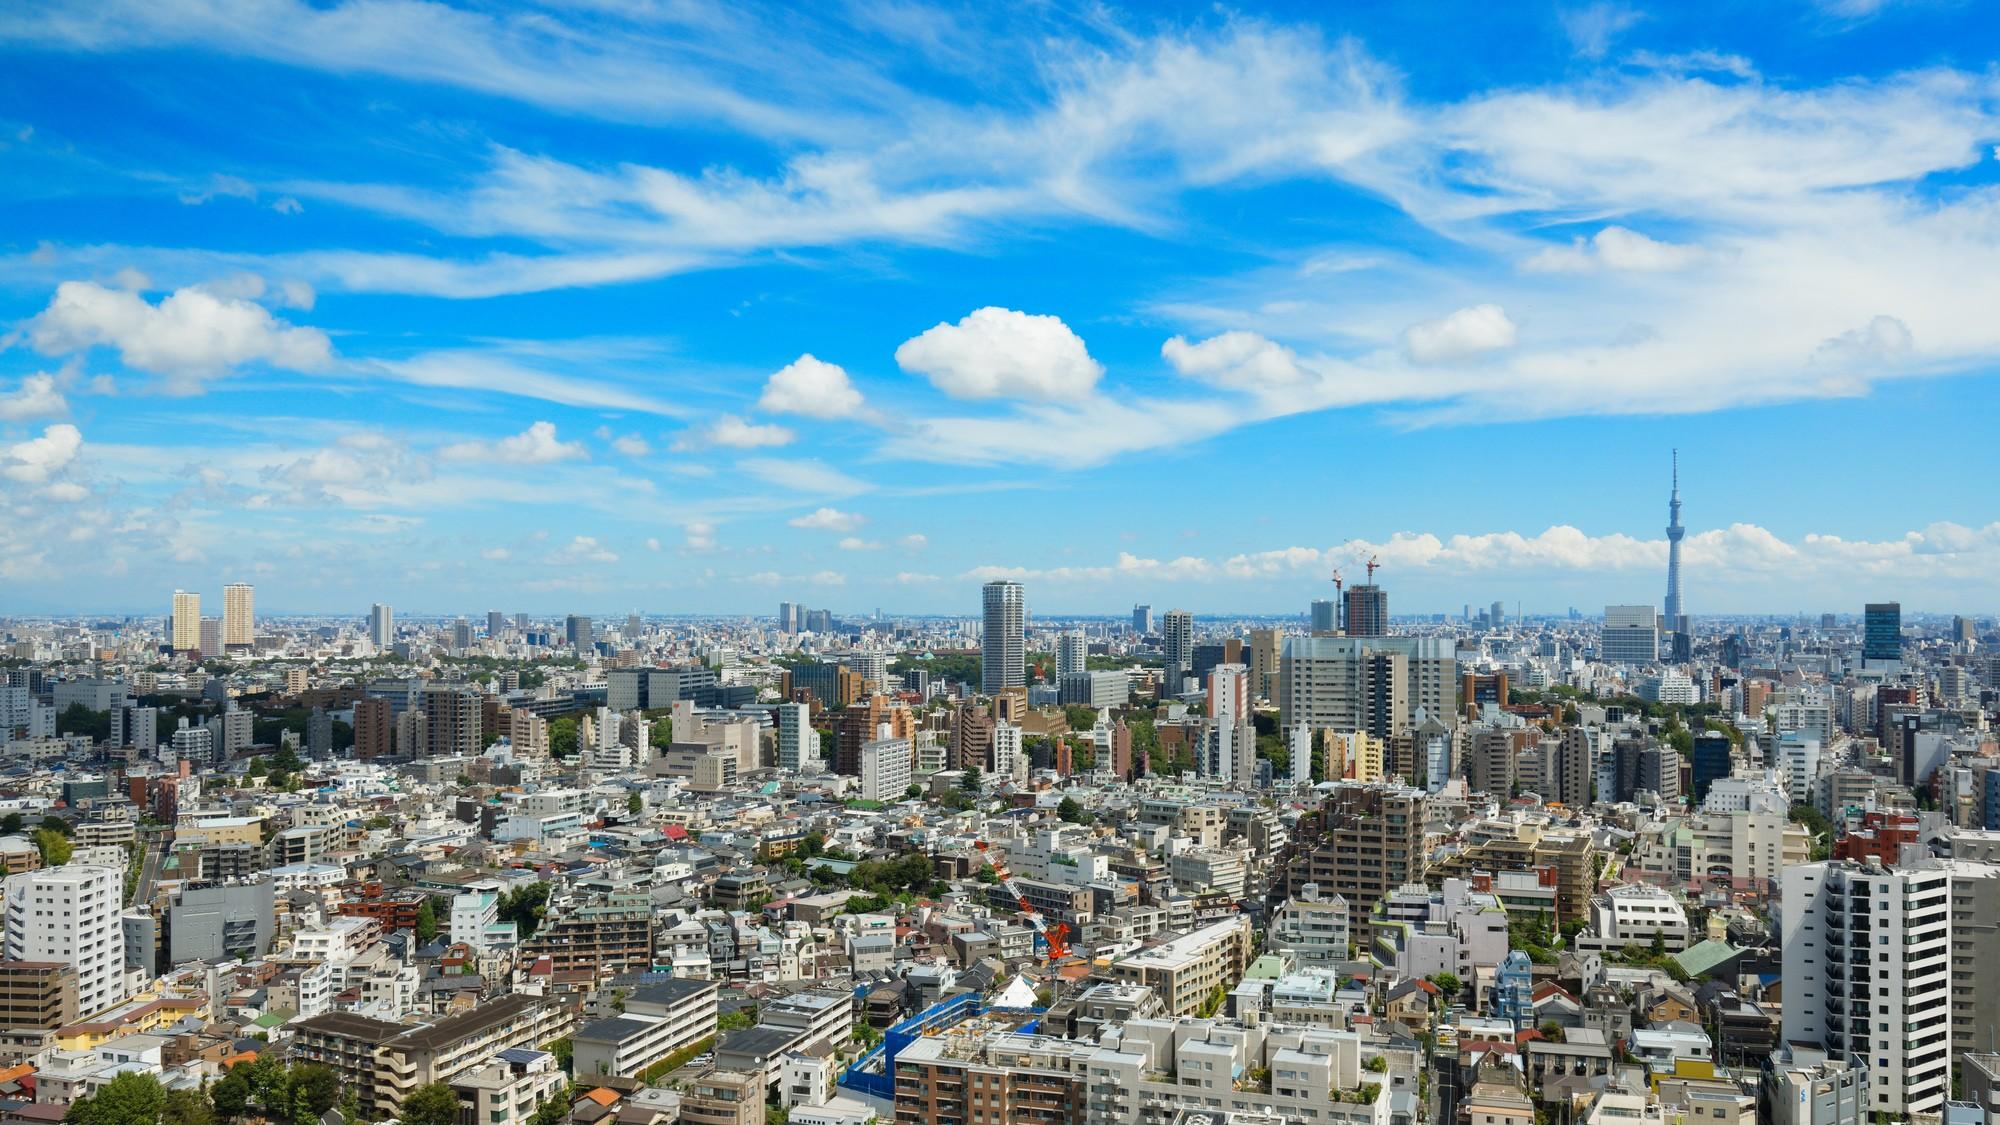 「東京の不動産」に投資するならば、知っておきたいこと